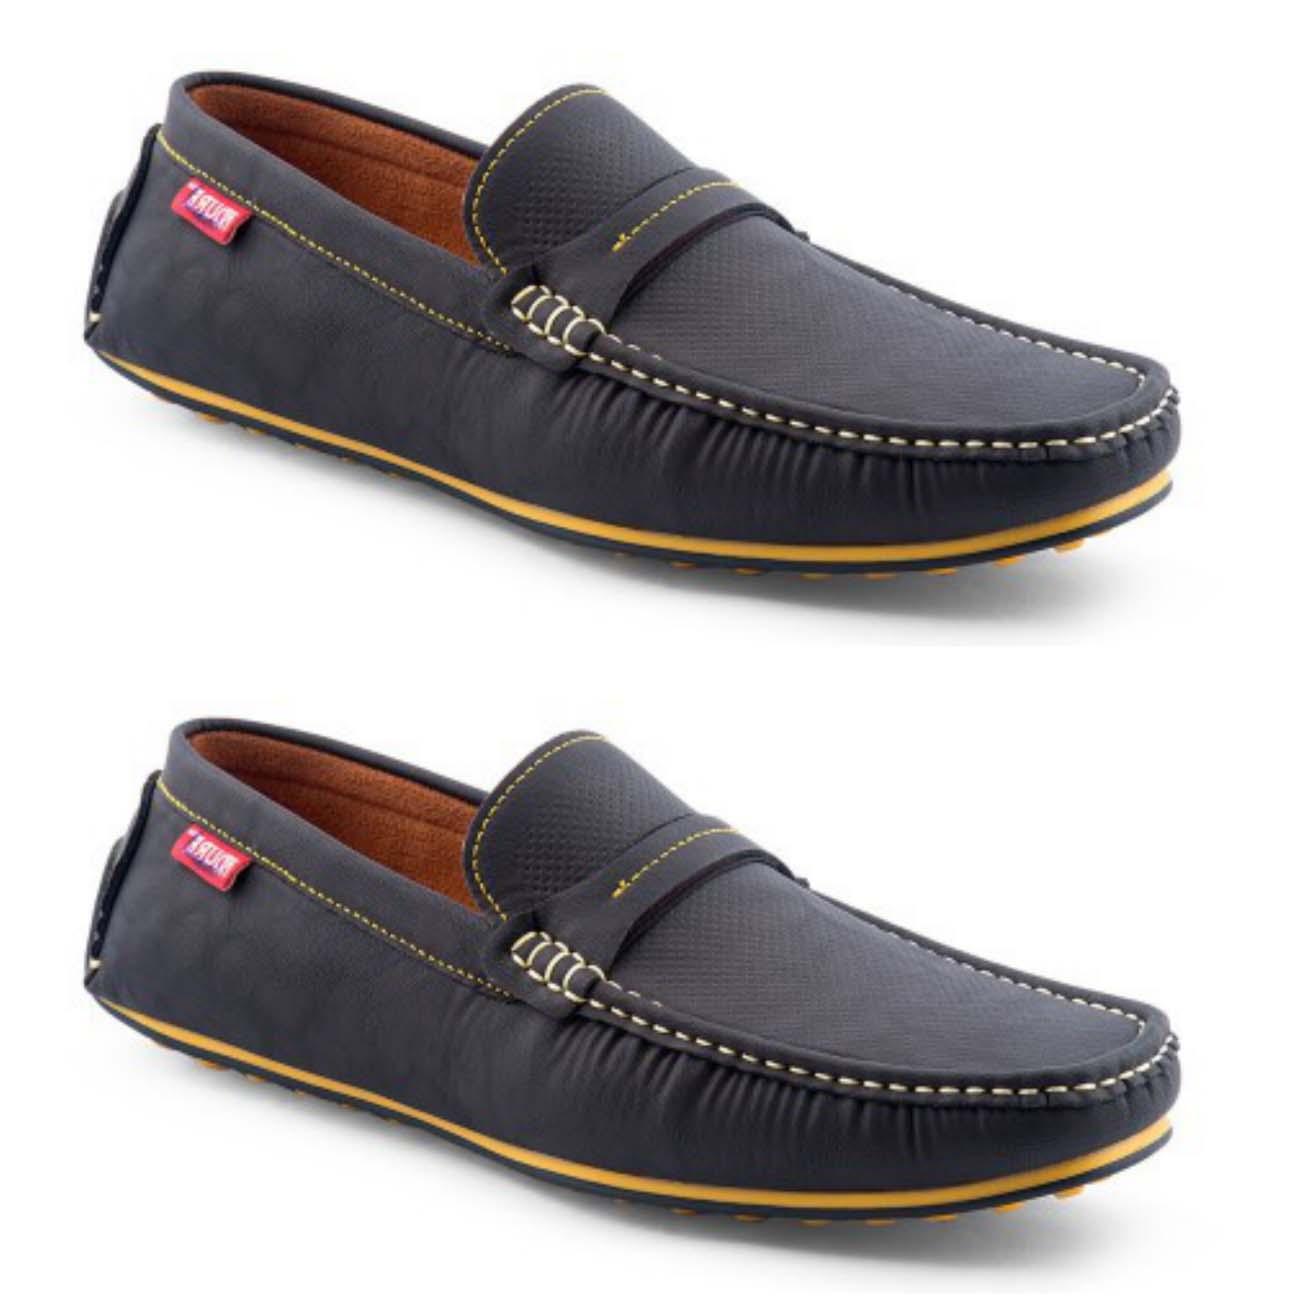 New Servis Shoes Men